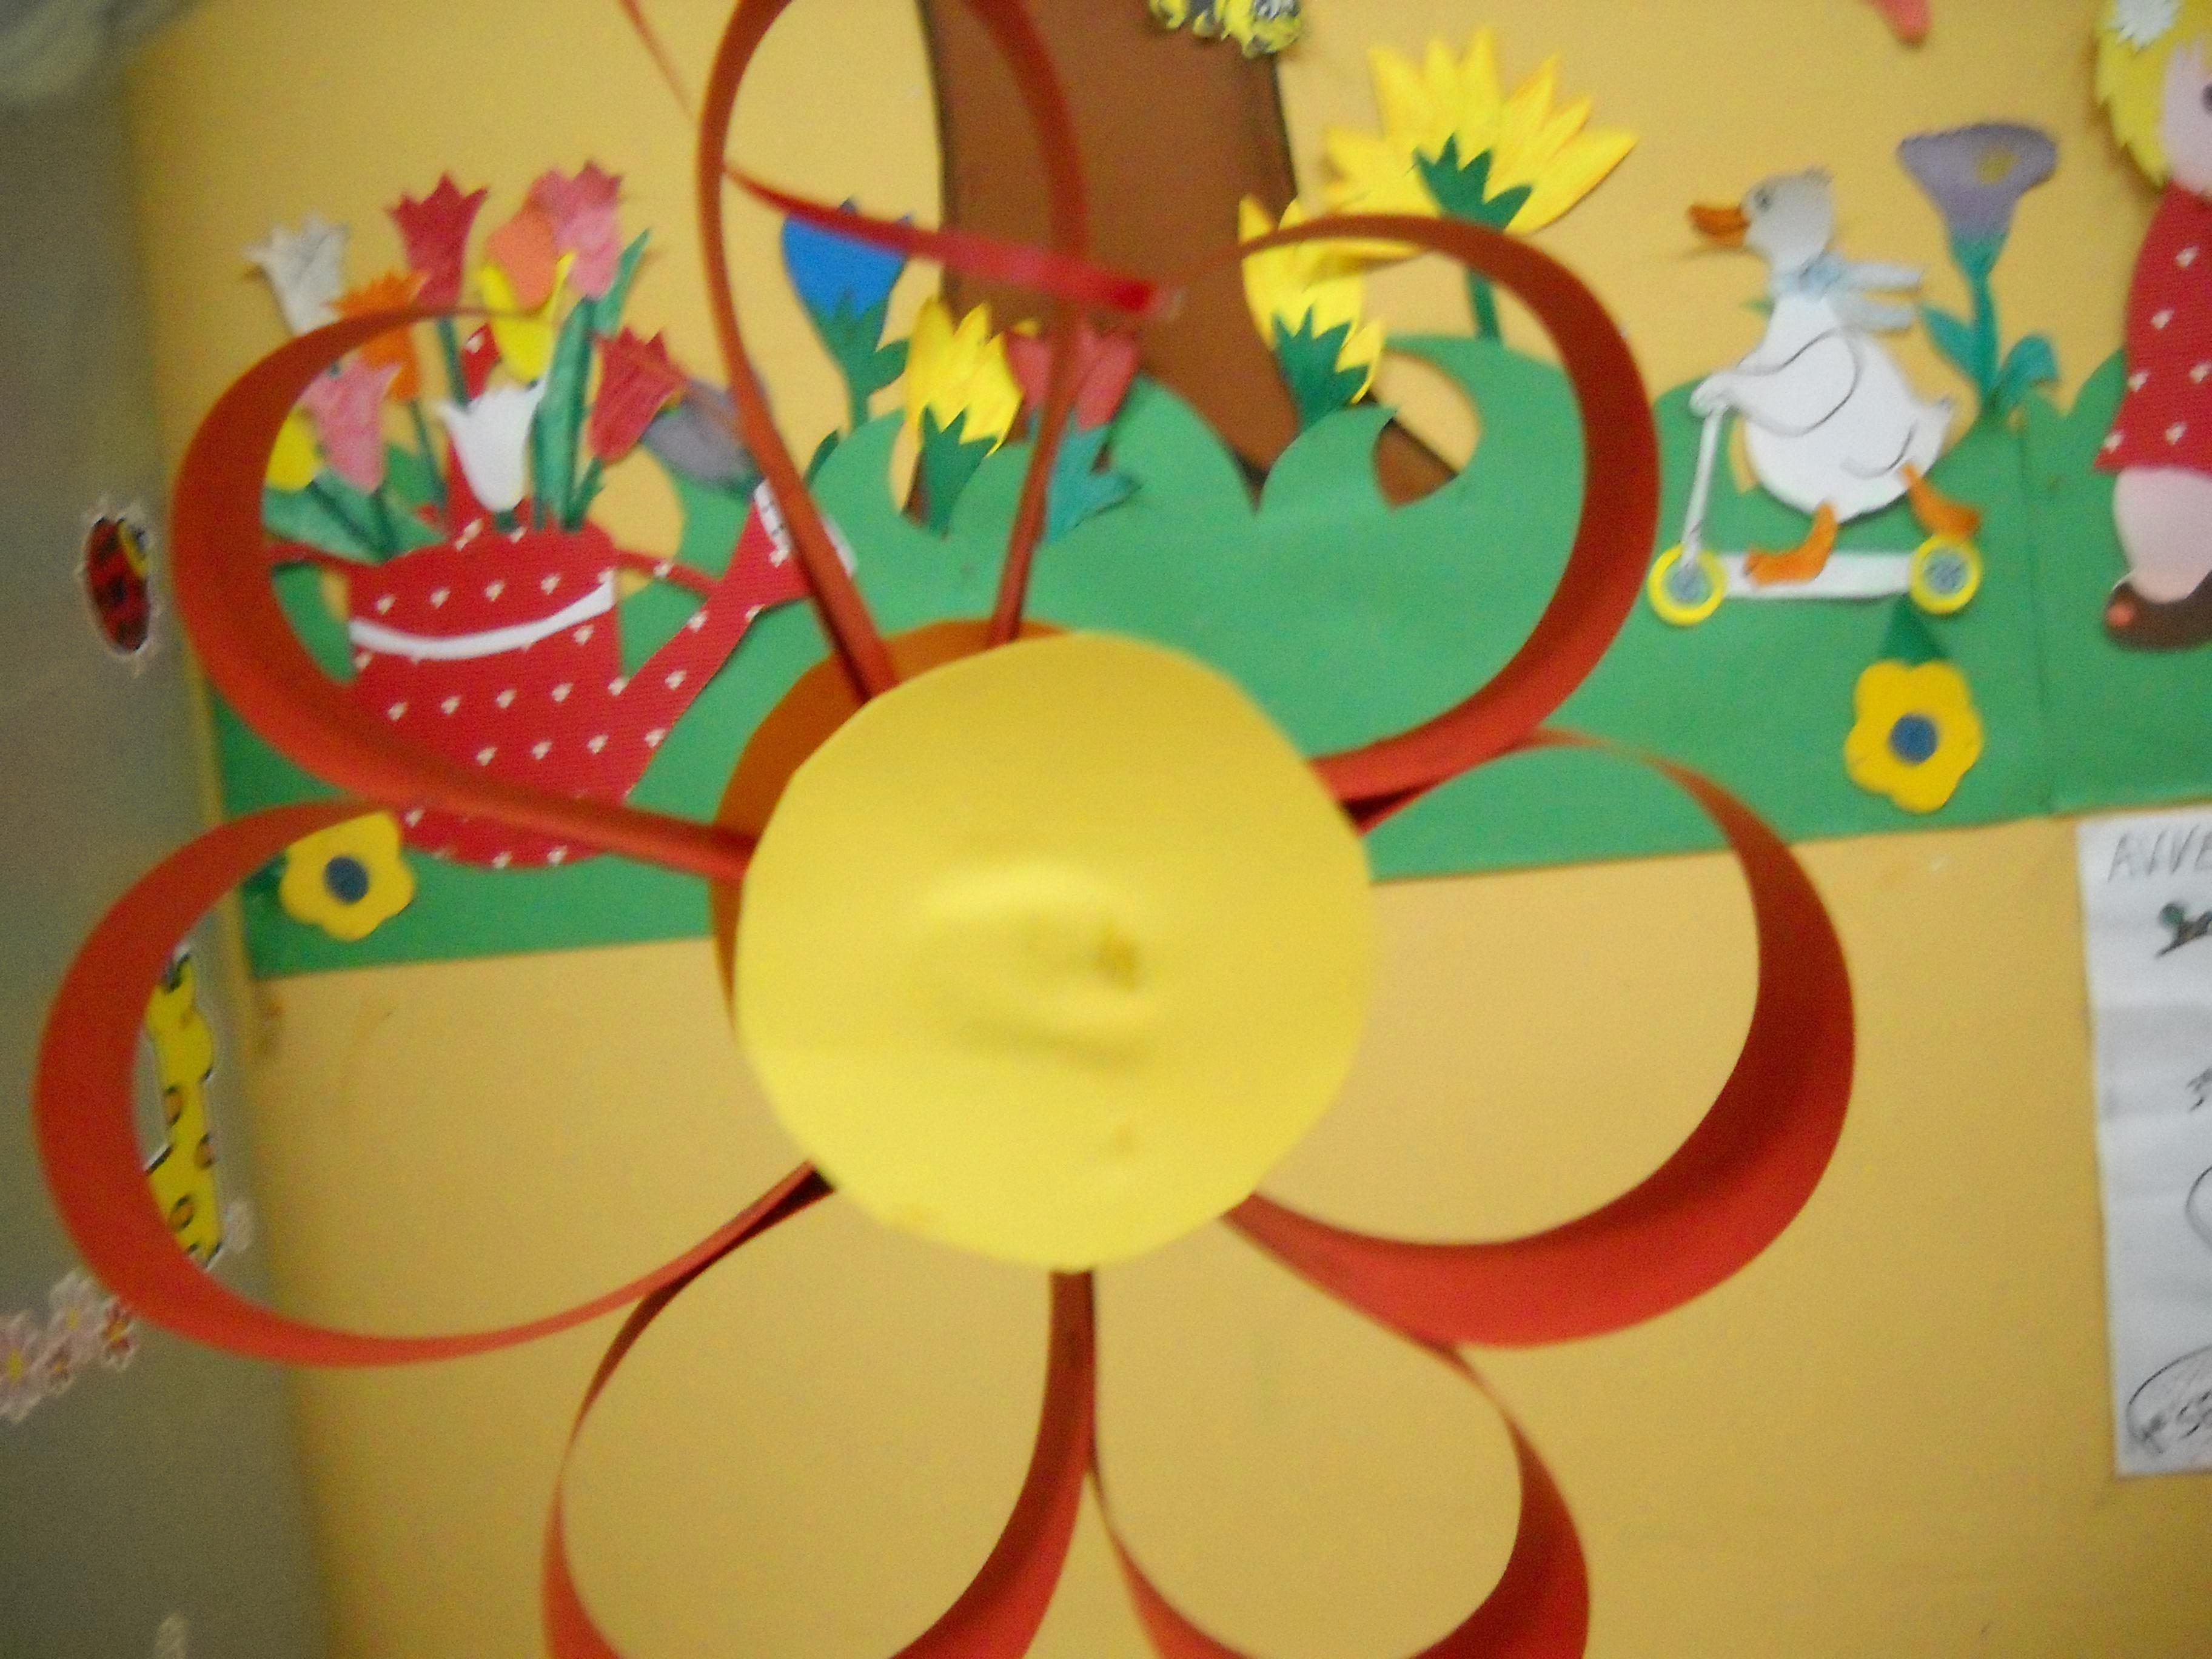 Lavoretti e addobbi primavera filastrocche canti for Addobbi di natale per bambini scuola infanzia